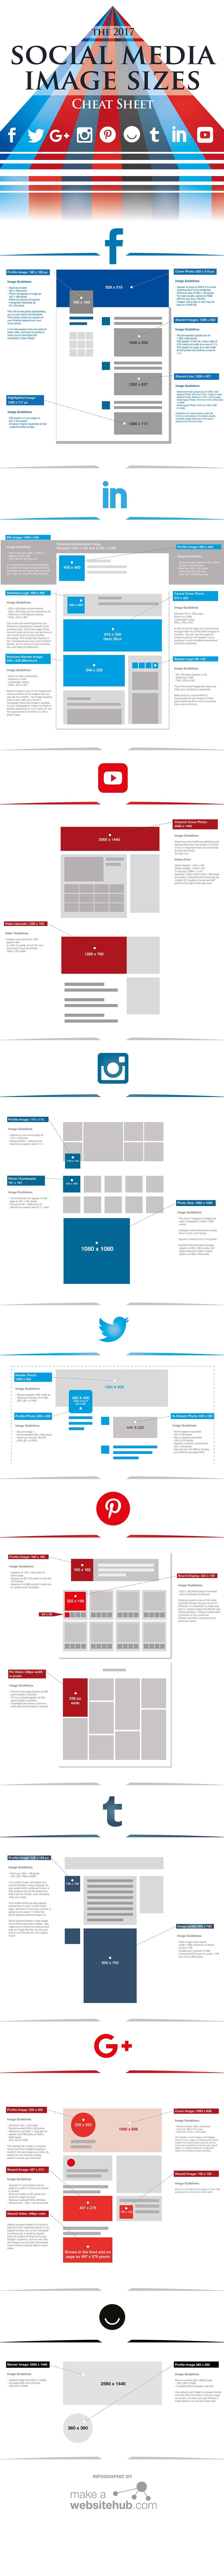 Guide complet des dimensions des images des réseaux sociaux en 2017